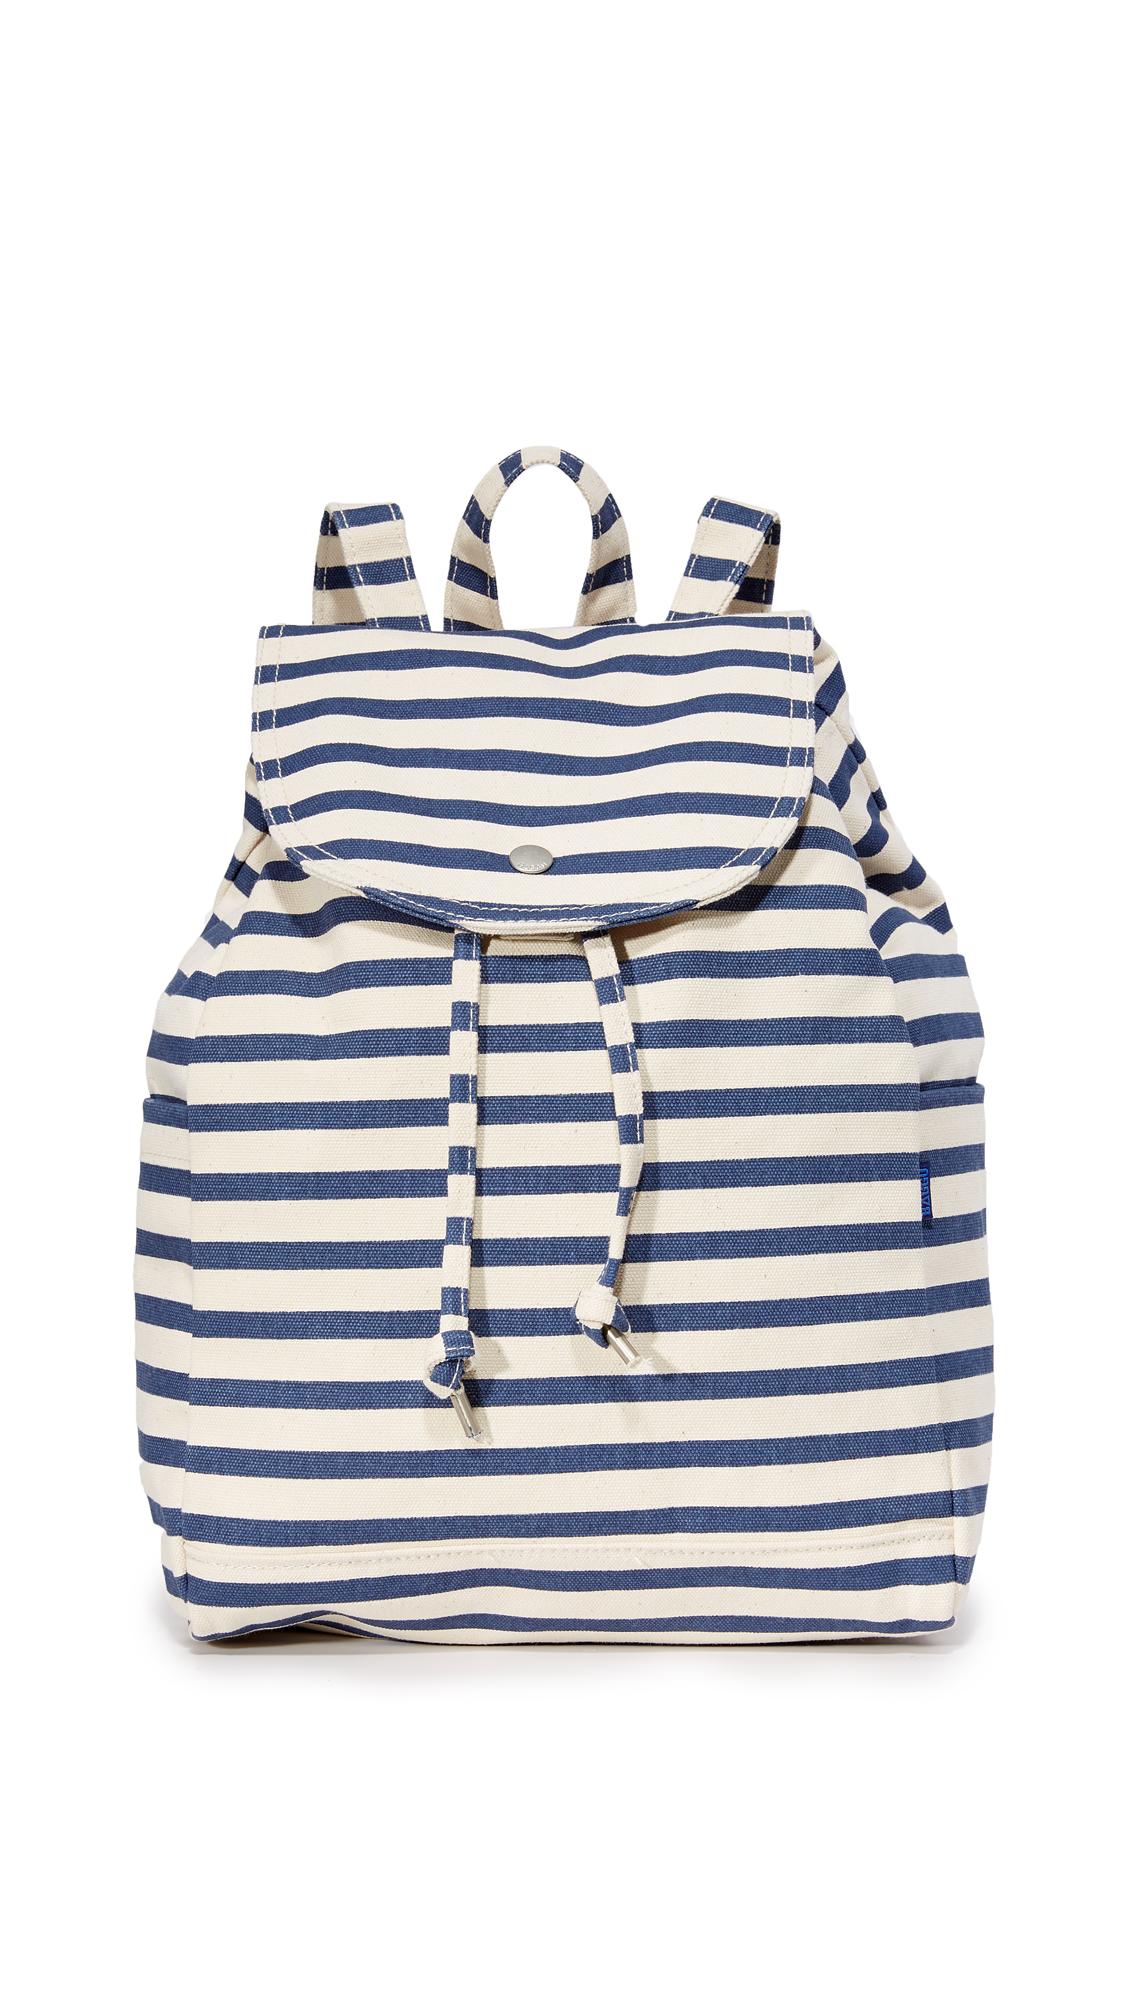 BAGGU Drawstring Backpack - Sailor Stripe